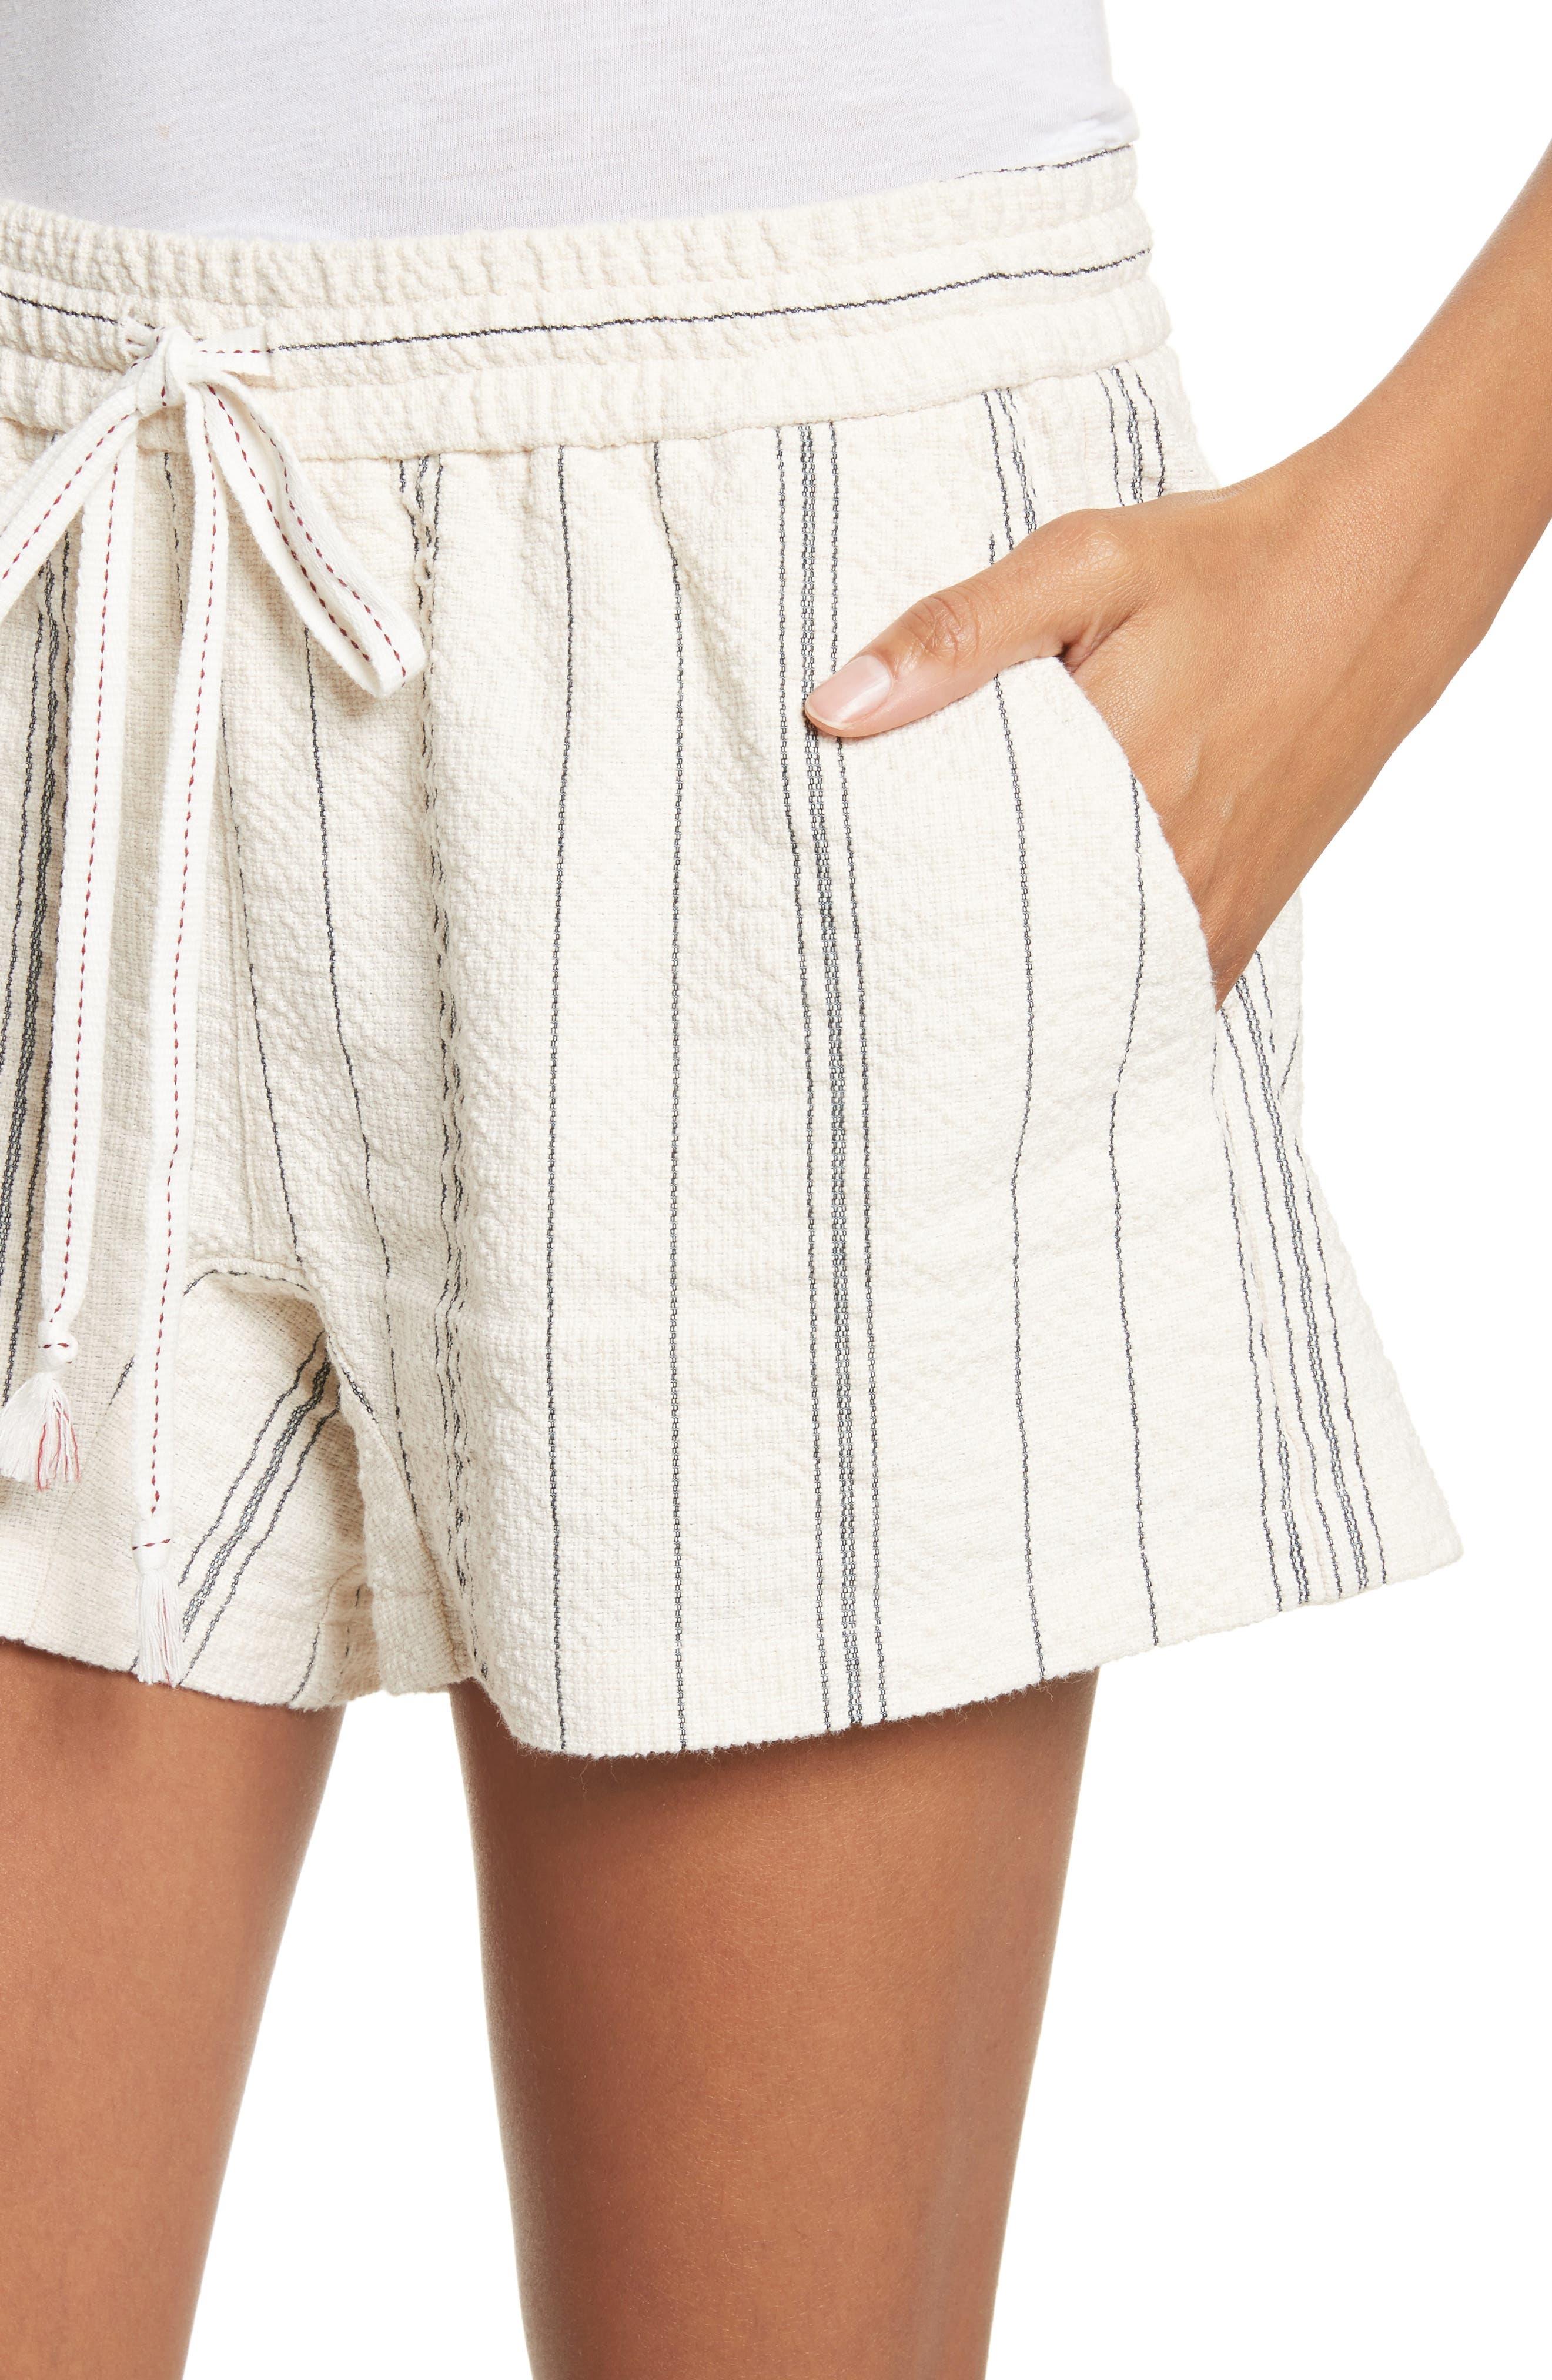 Stripe Shorts,                             Alternate thumbnail 4, color,                             White/ Black